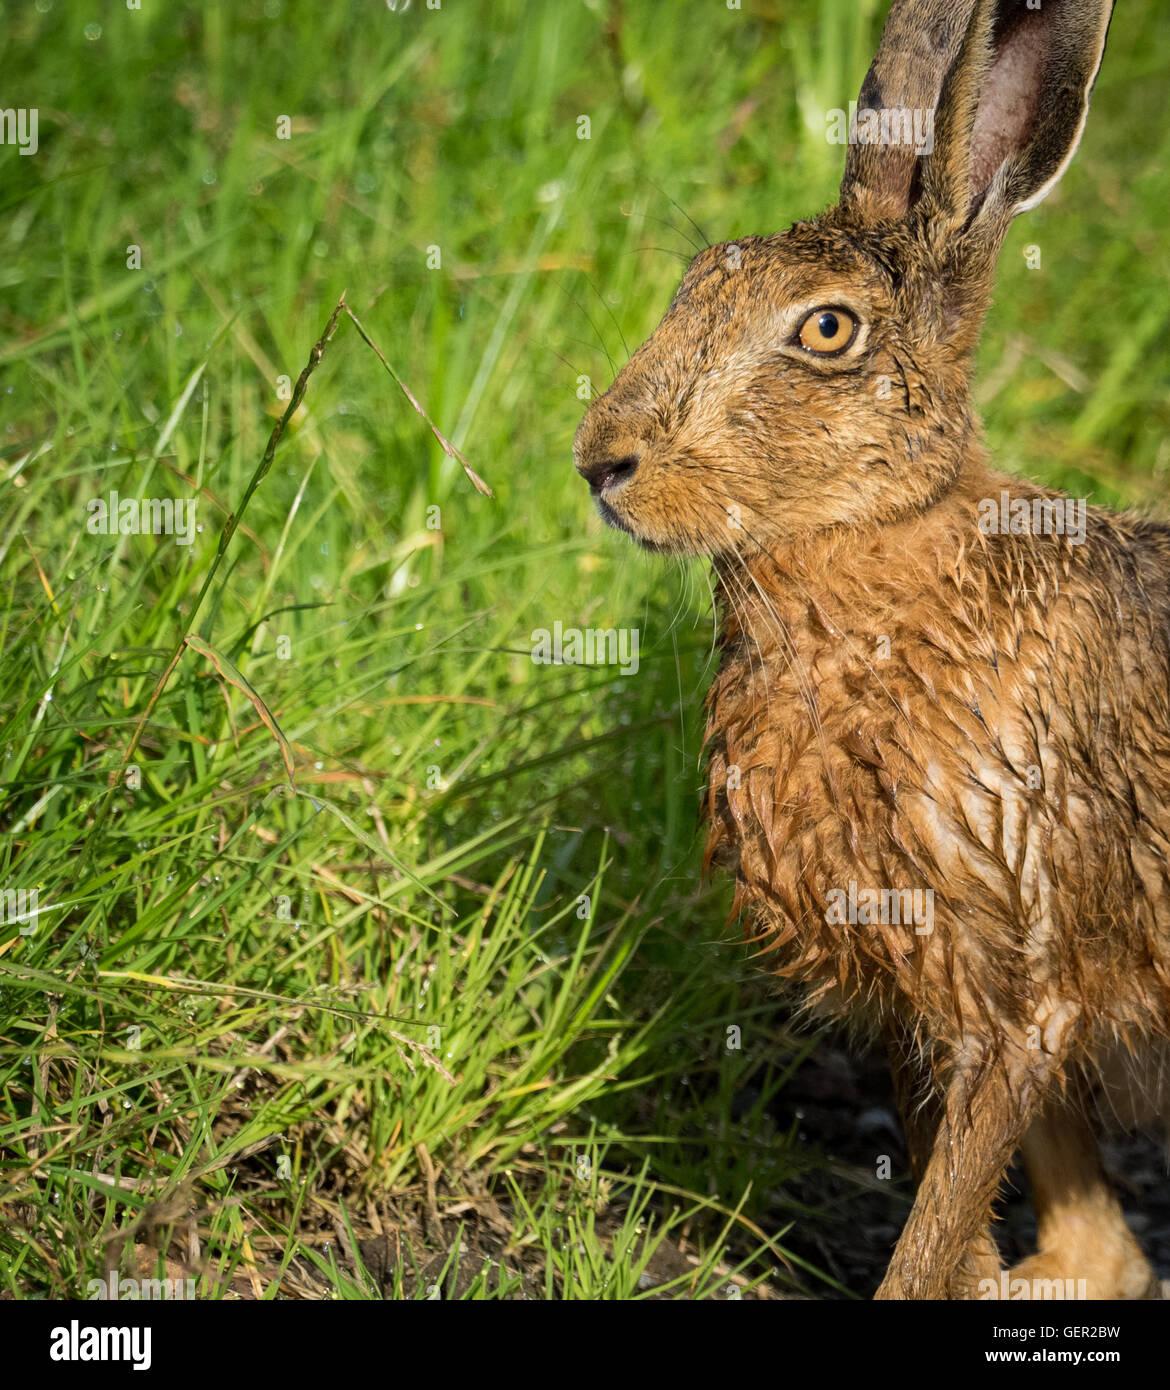 Brown Hare en ruta en hierba mojada de bañarse en el charco (Lepus europaeus) Imagen De Stock